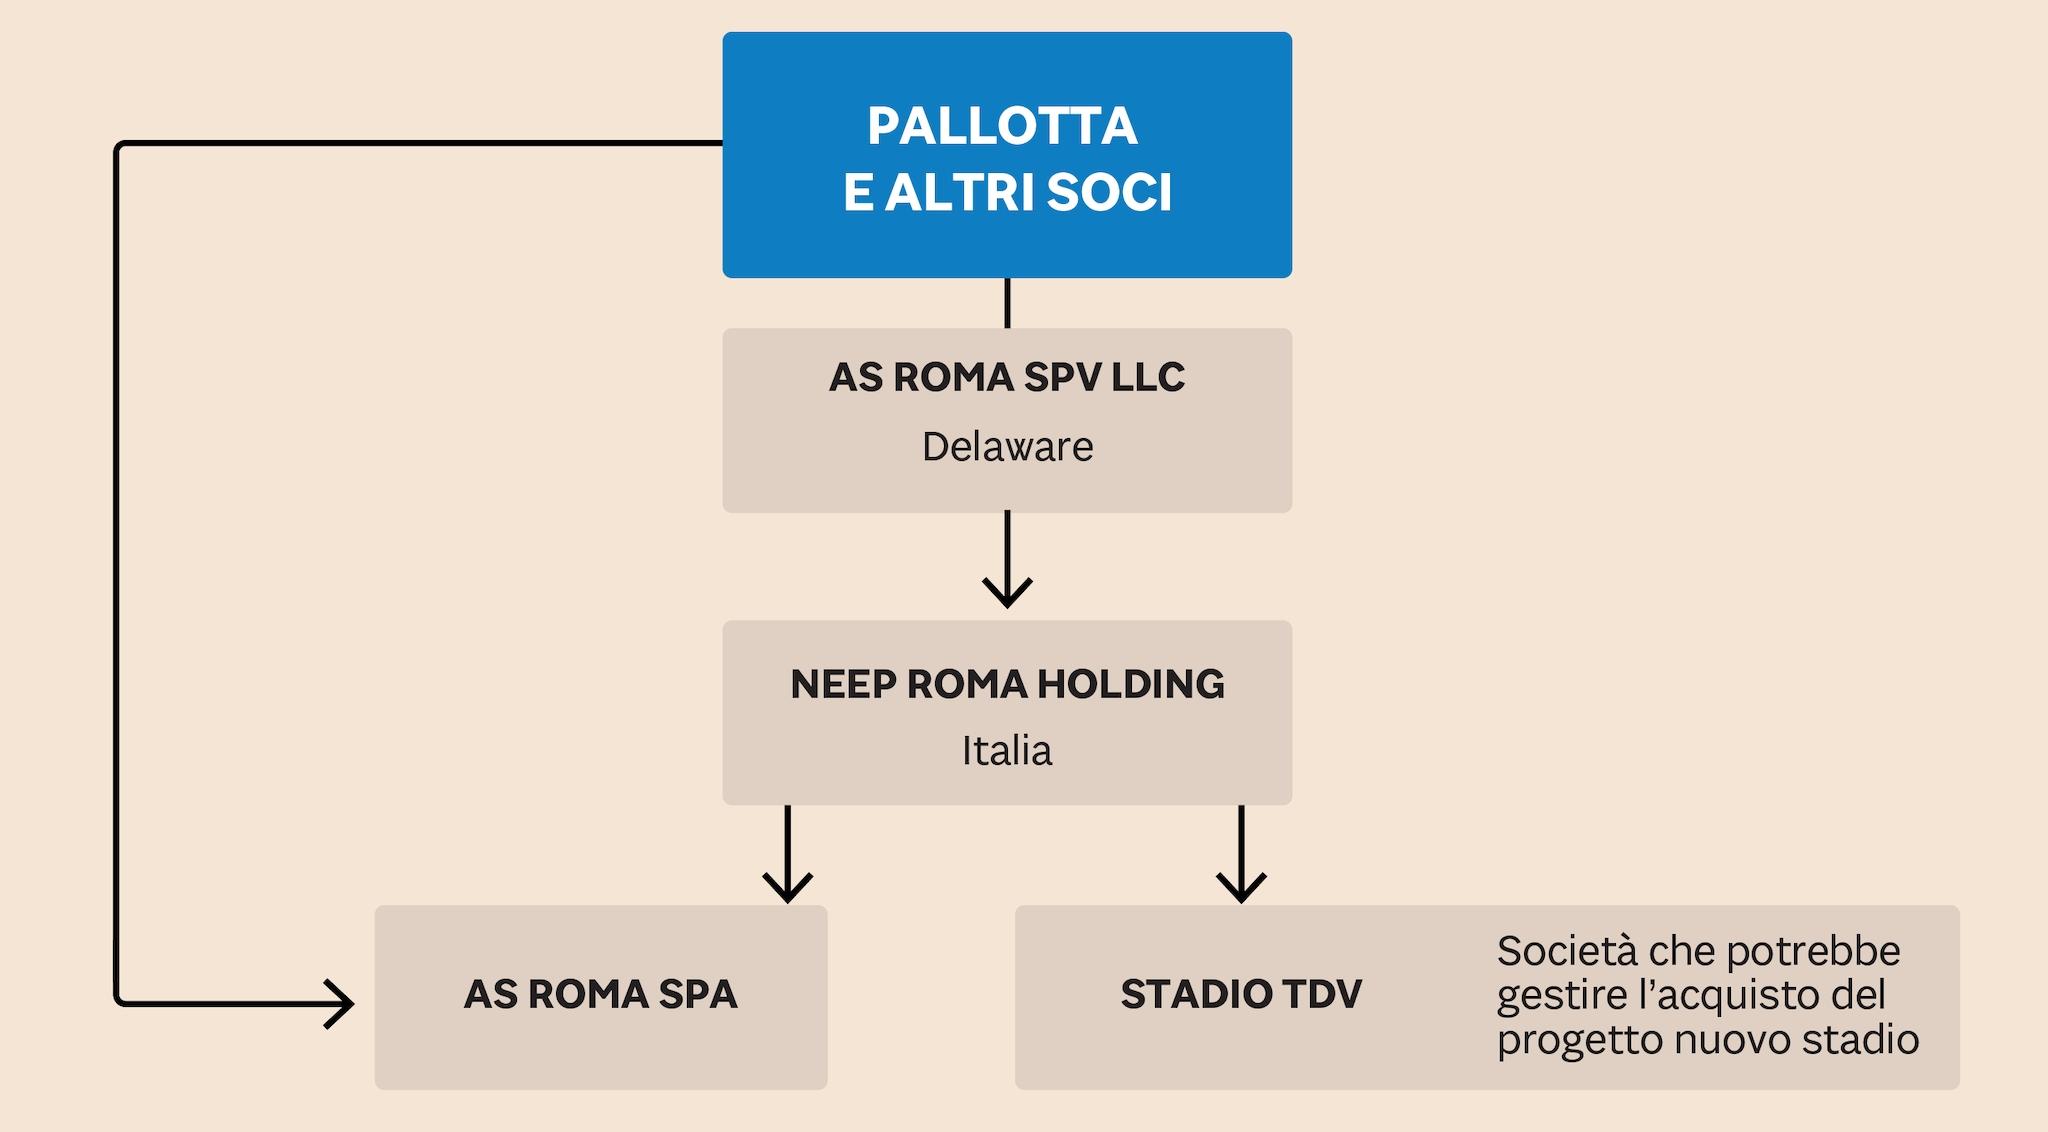 LA GALASSIA DI SOCIETÀ DI PALLOTTA